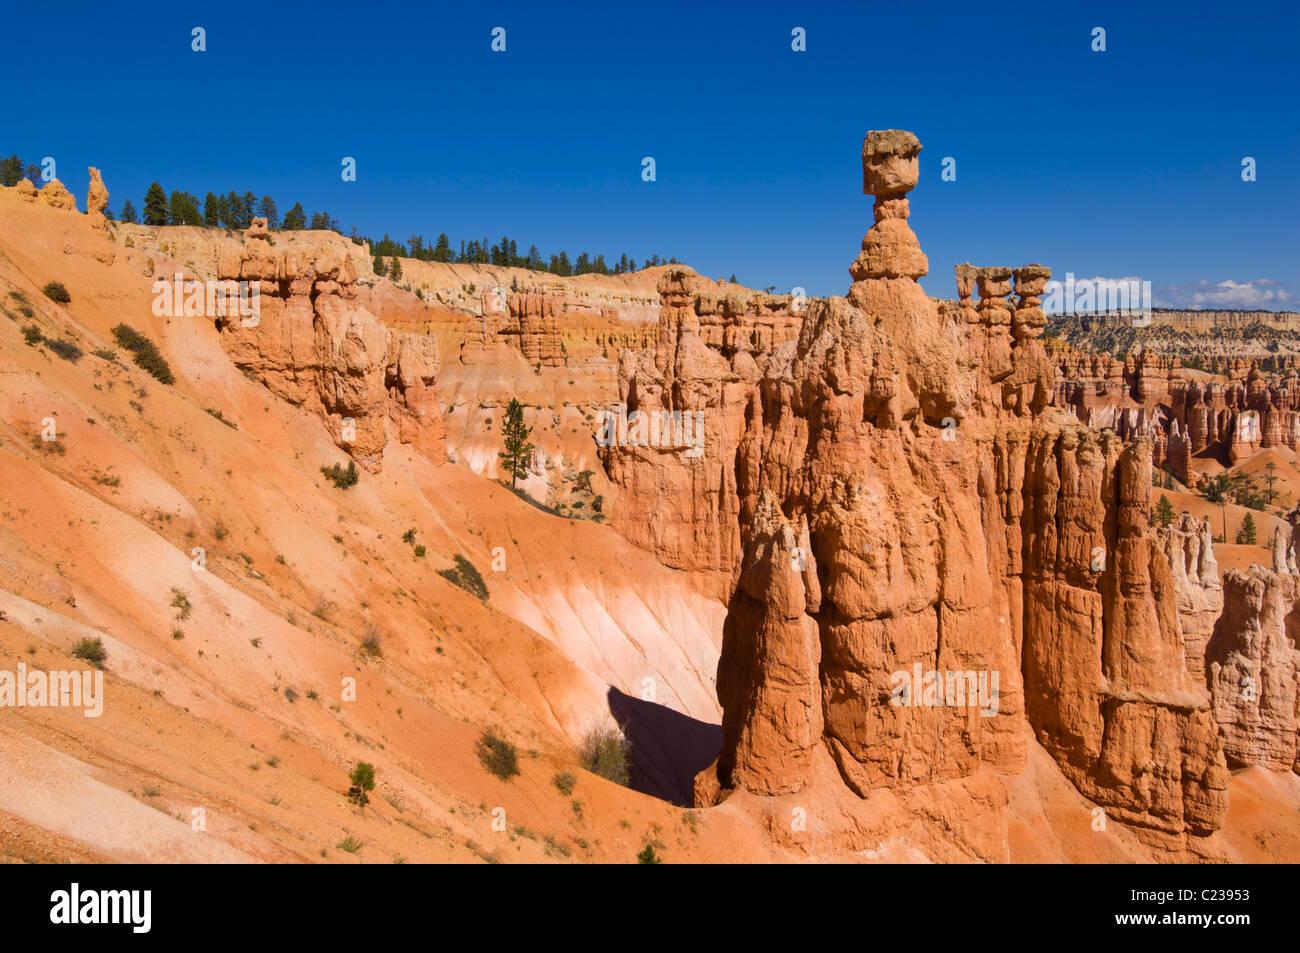 Le marteau de Thor et cheminées de grès dans l'Amphithéâtre de Bryce Canyon Utah USA Etats Photo Stock